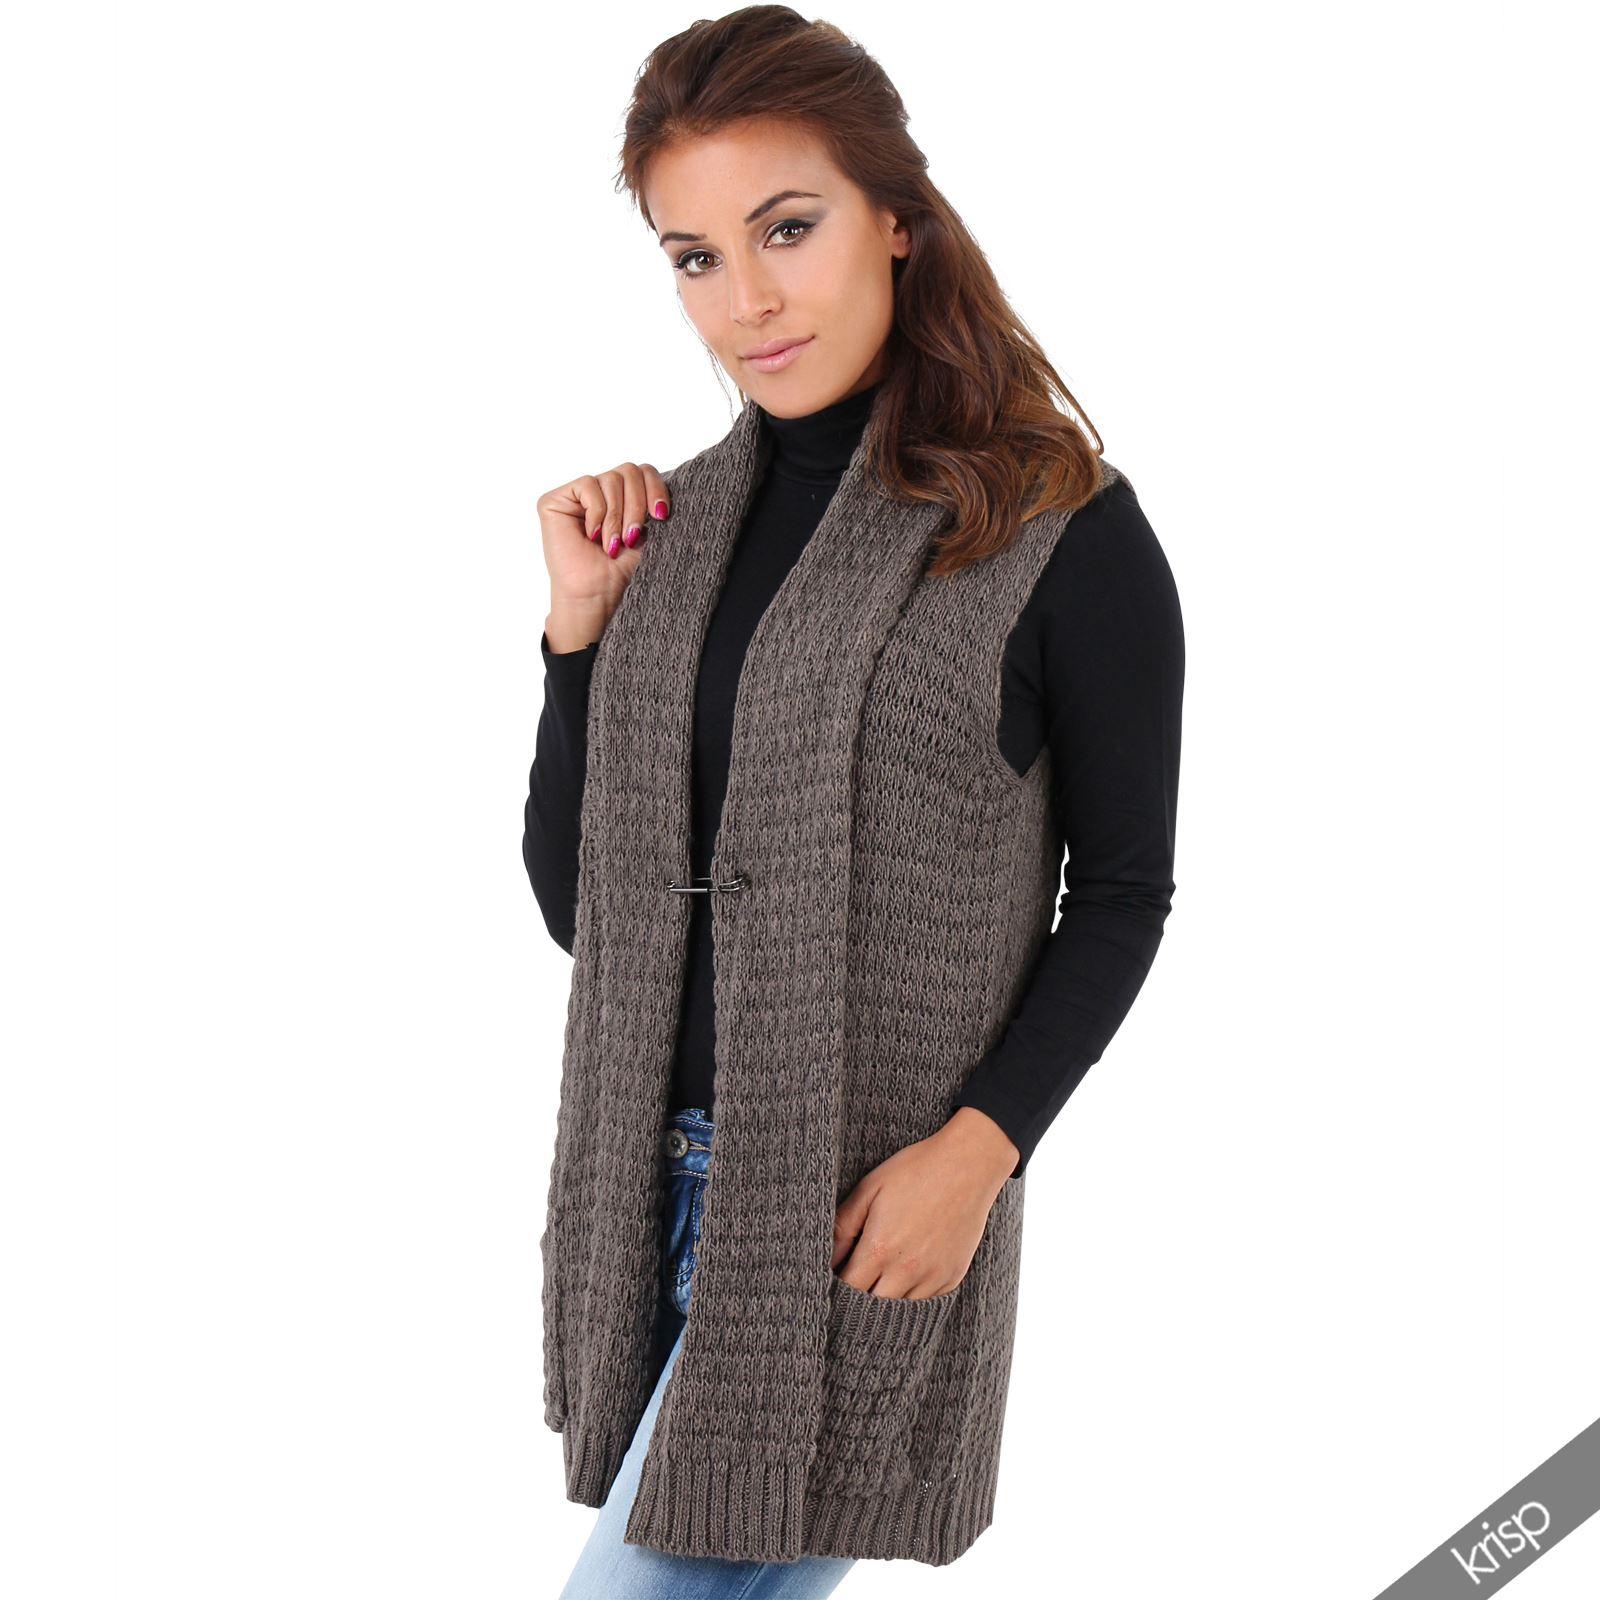 Knitting Pattern Ladies Sleeveless Cardigan : Womens Chunky Knit Sleeveless Open Cardigan Waistcoat Gilet Top Jumper Sweater